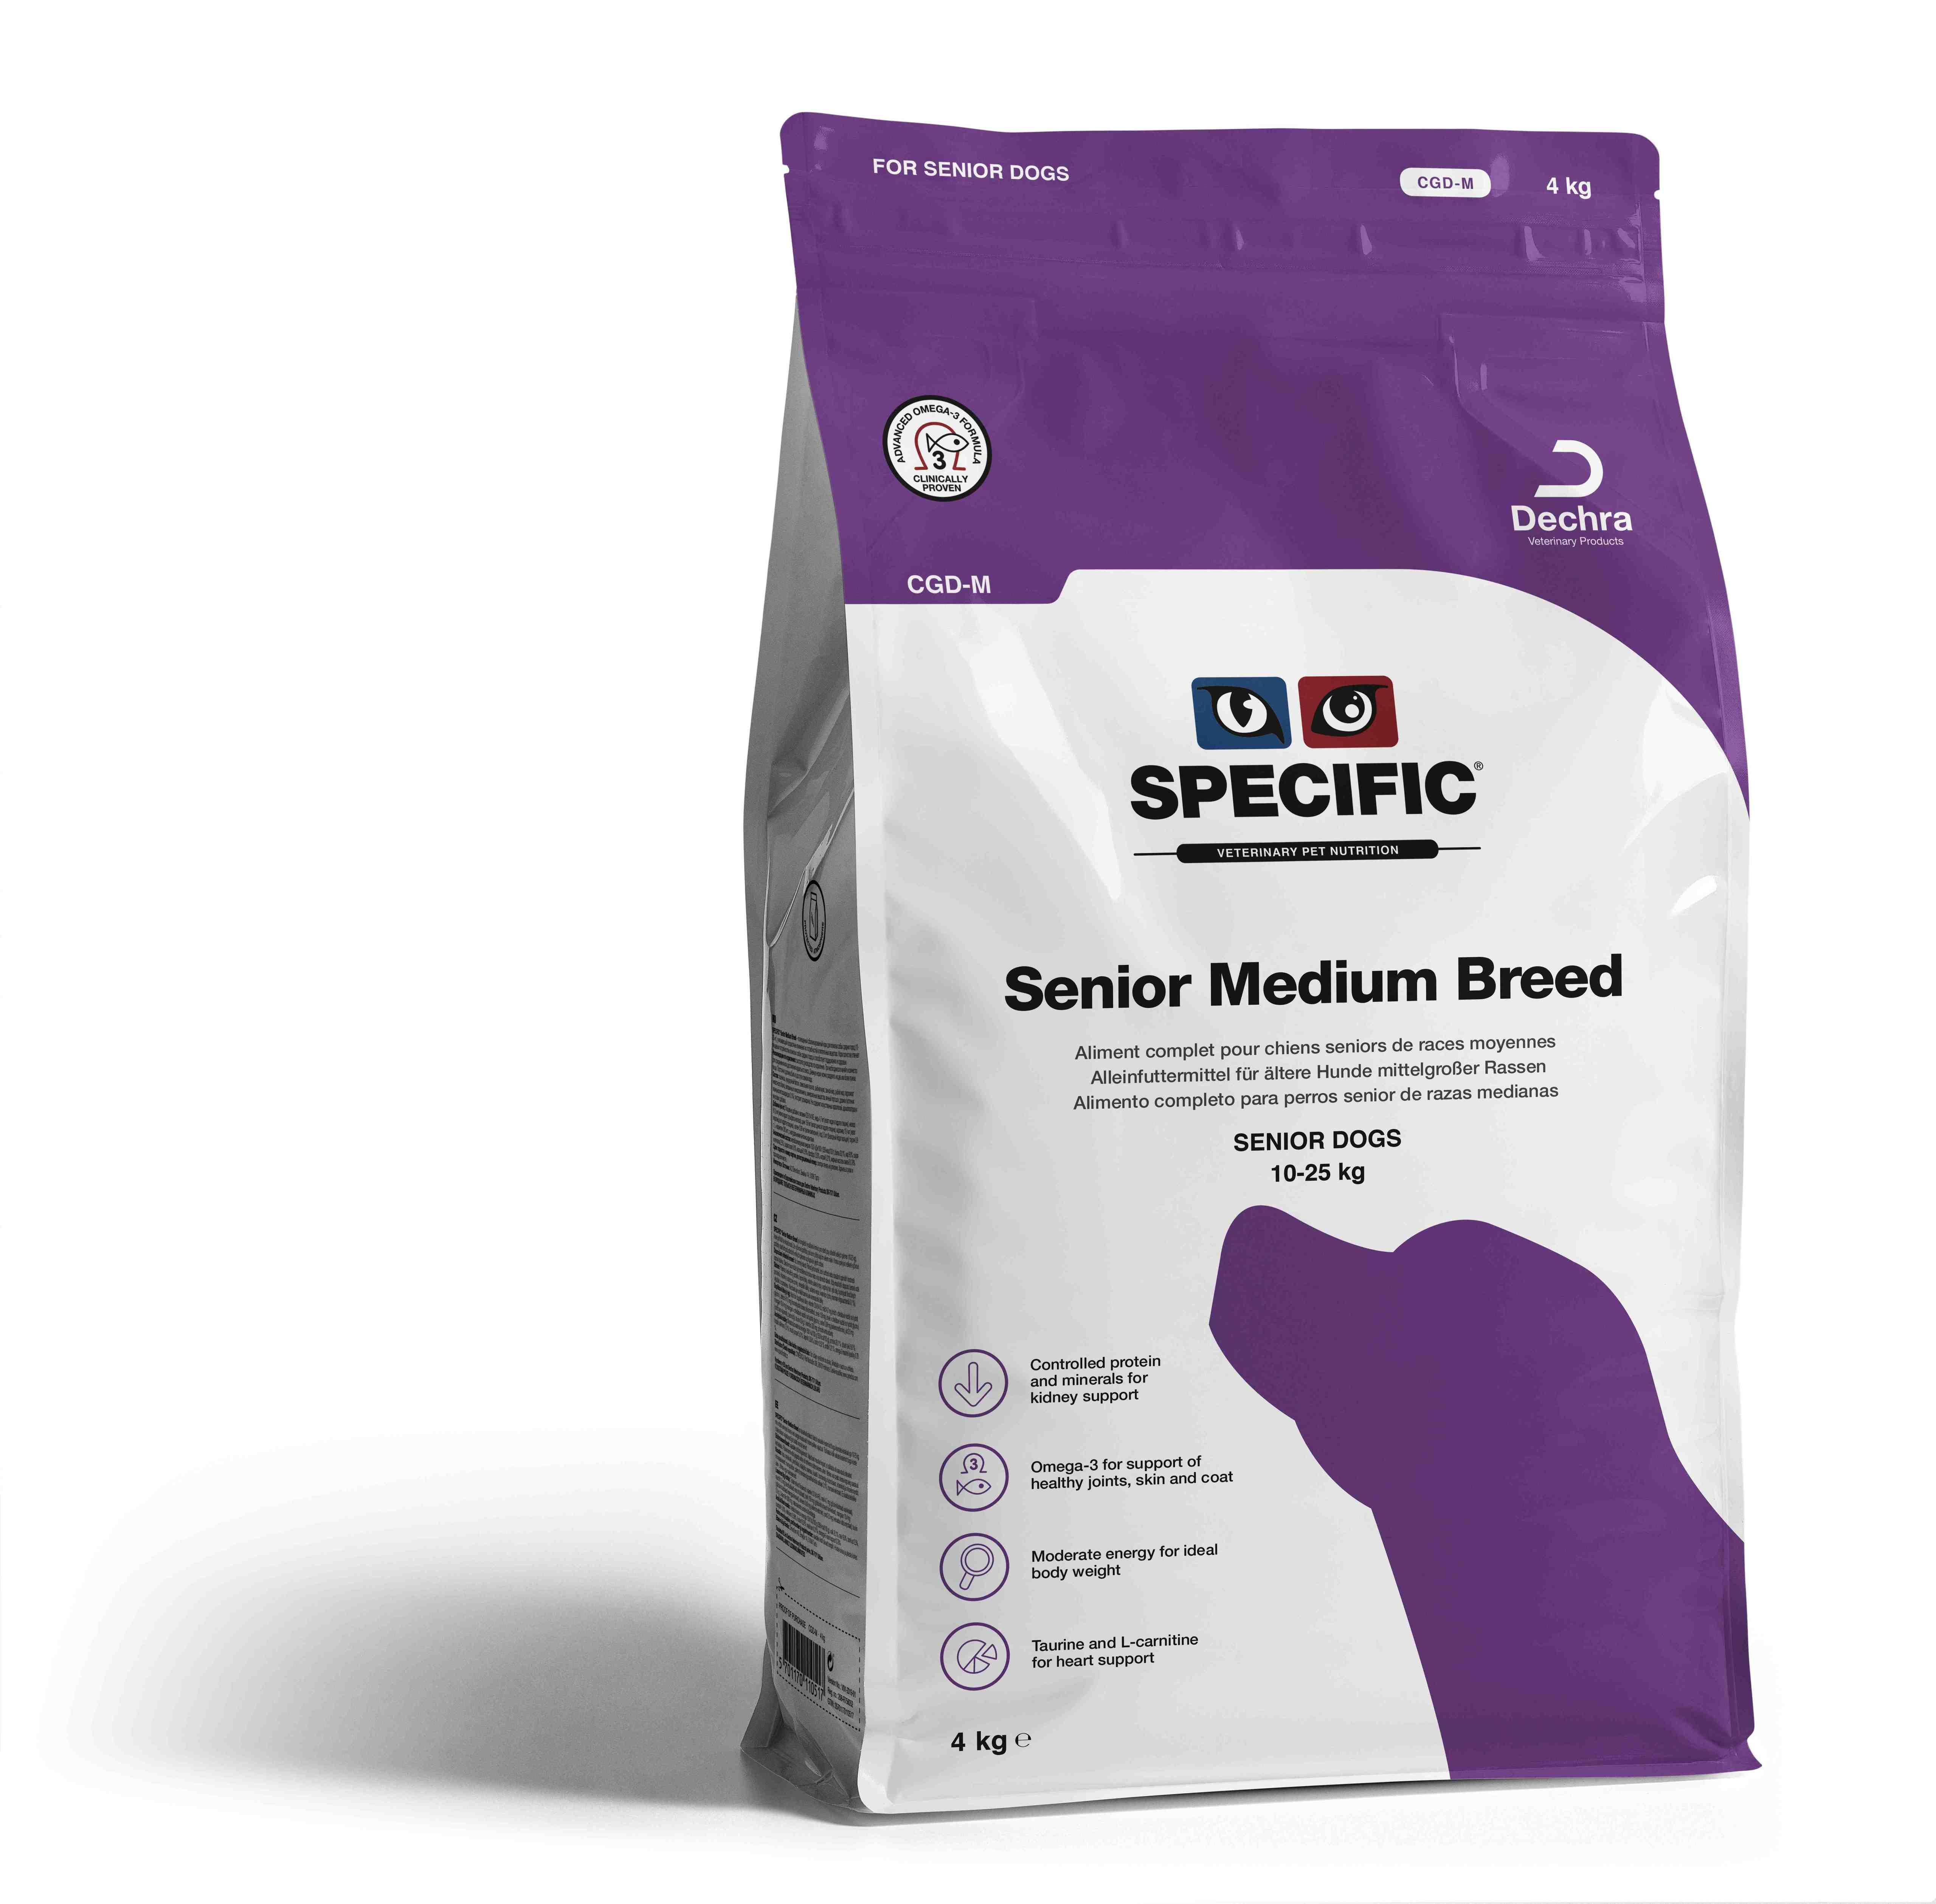 Senior Medium Breed CGD - 4 kg